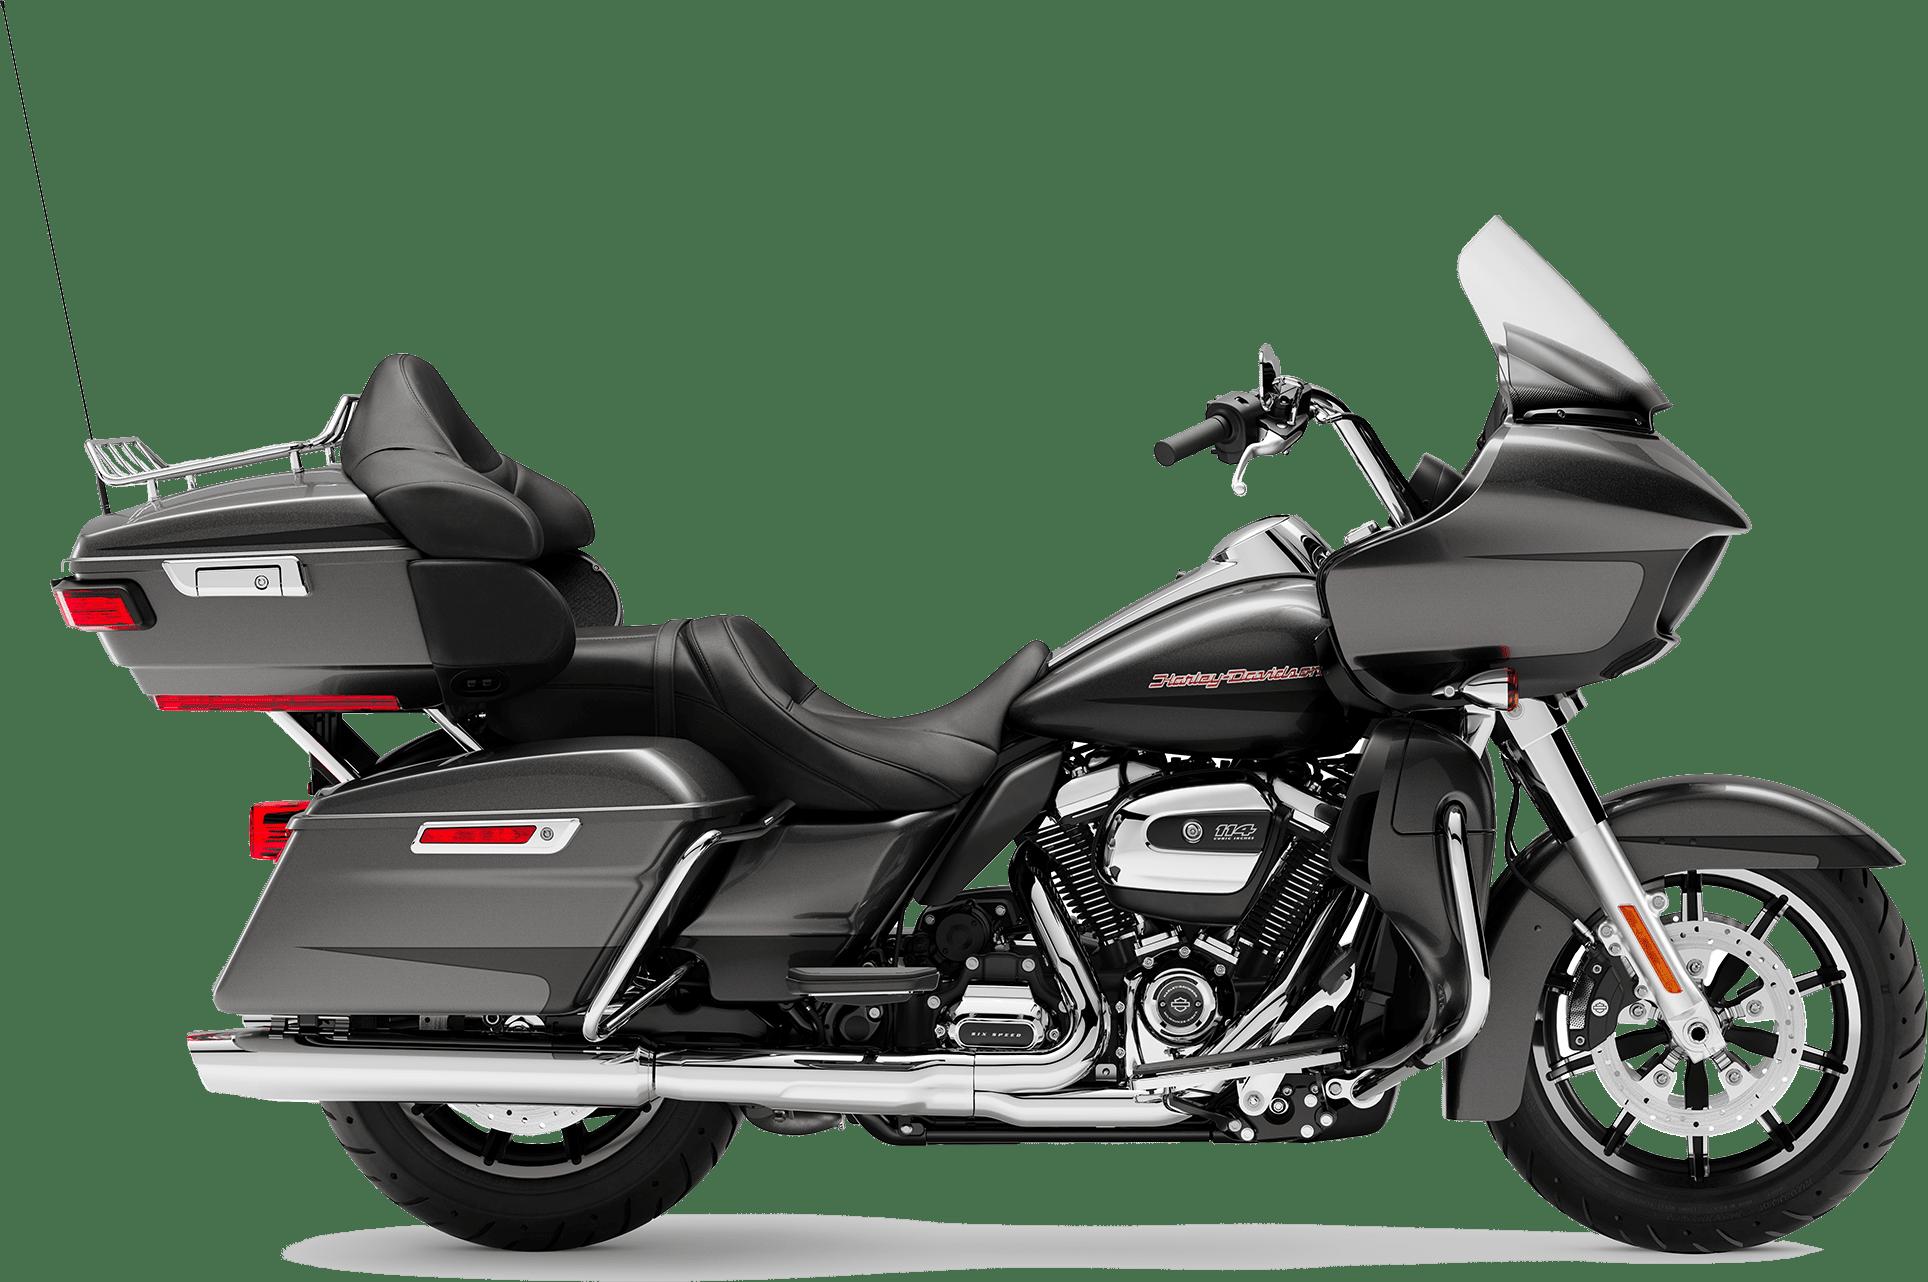 2019 Harley-Davidson H-D Touring Road Glide Ultra Silver Flux Black Fuse